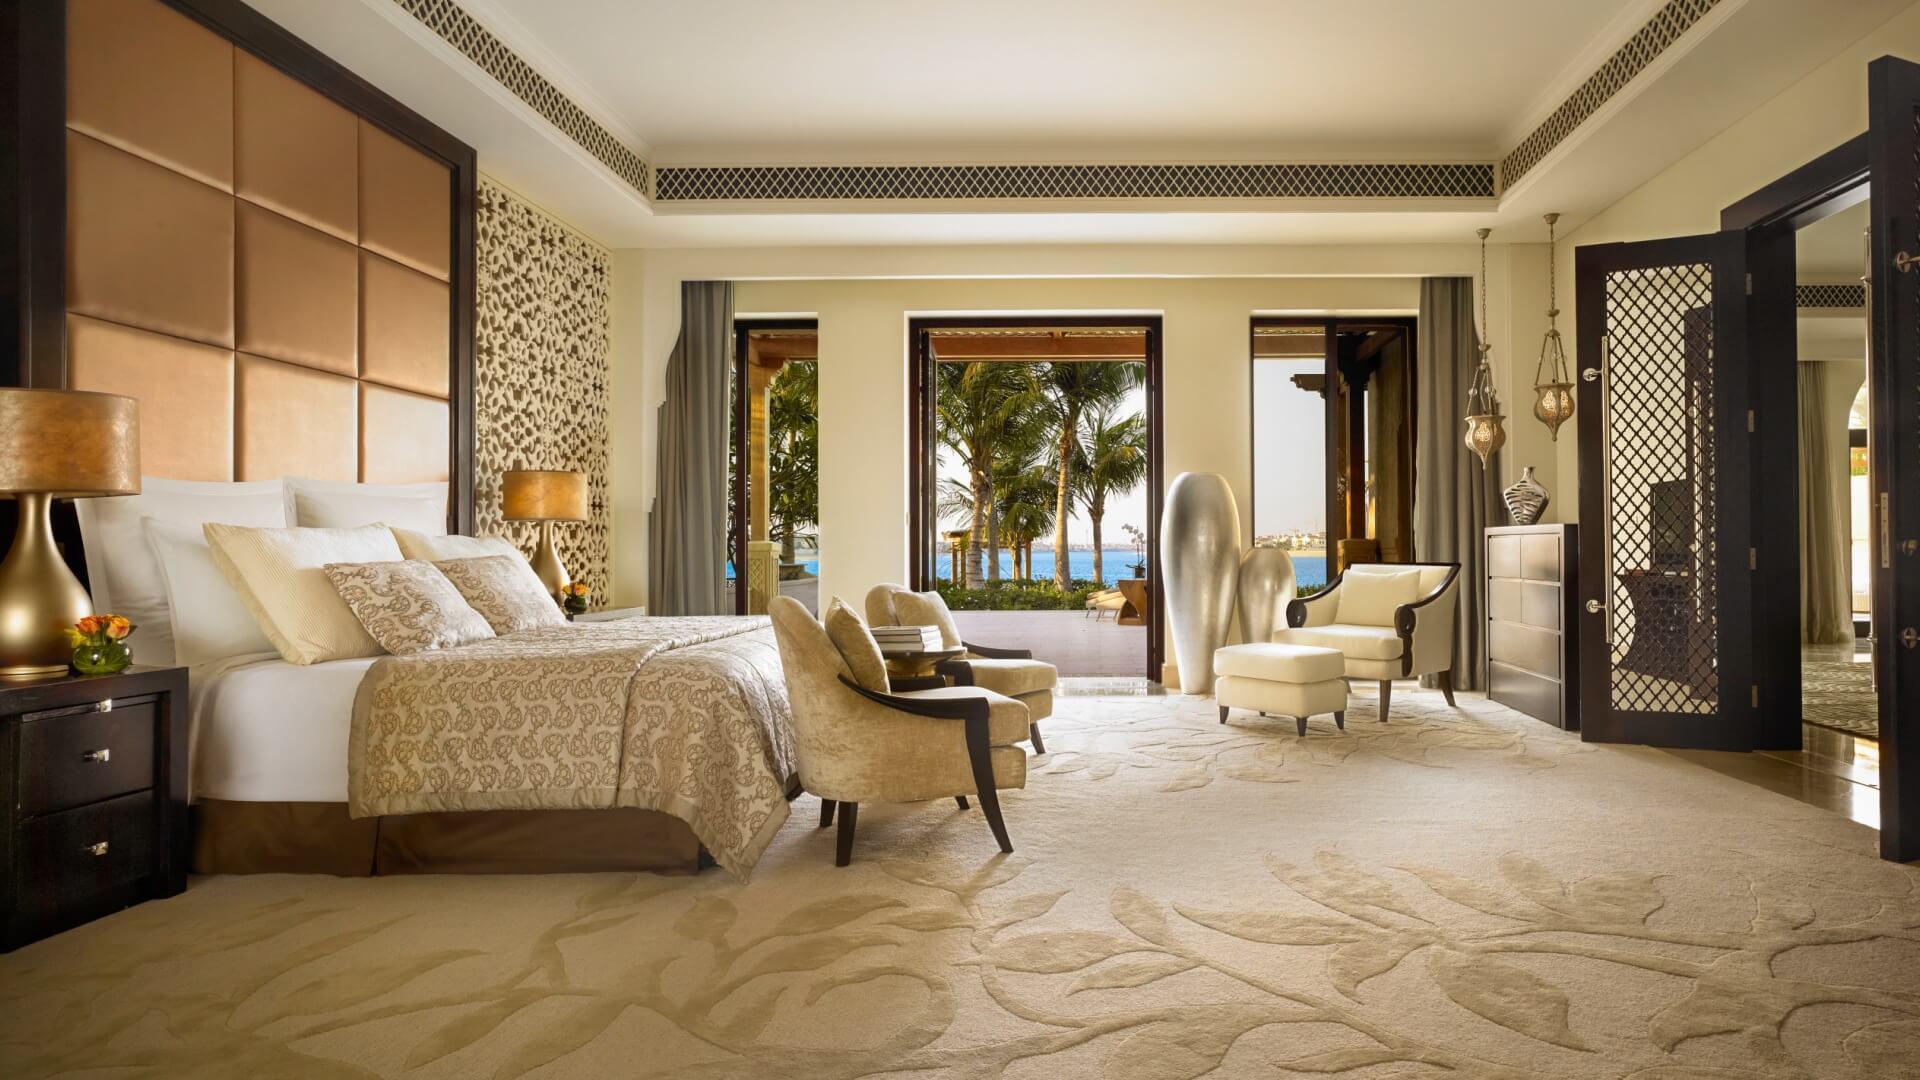 Villa for sale in Dubai, UAE, 4 bedrooms, 403 m2, No. 24304 – photo 1